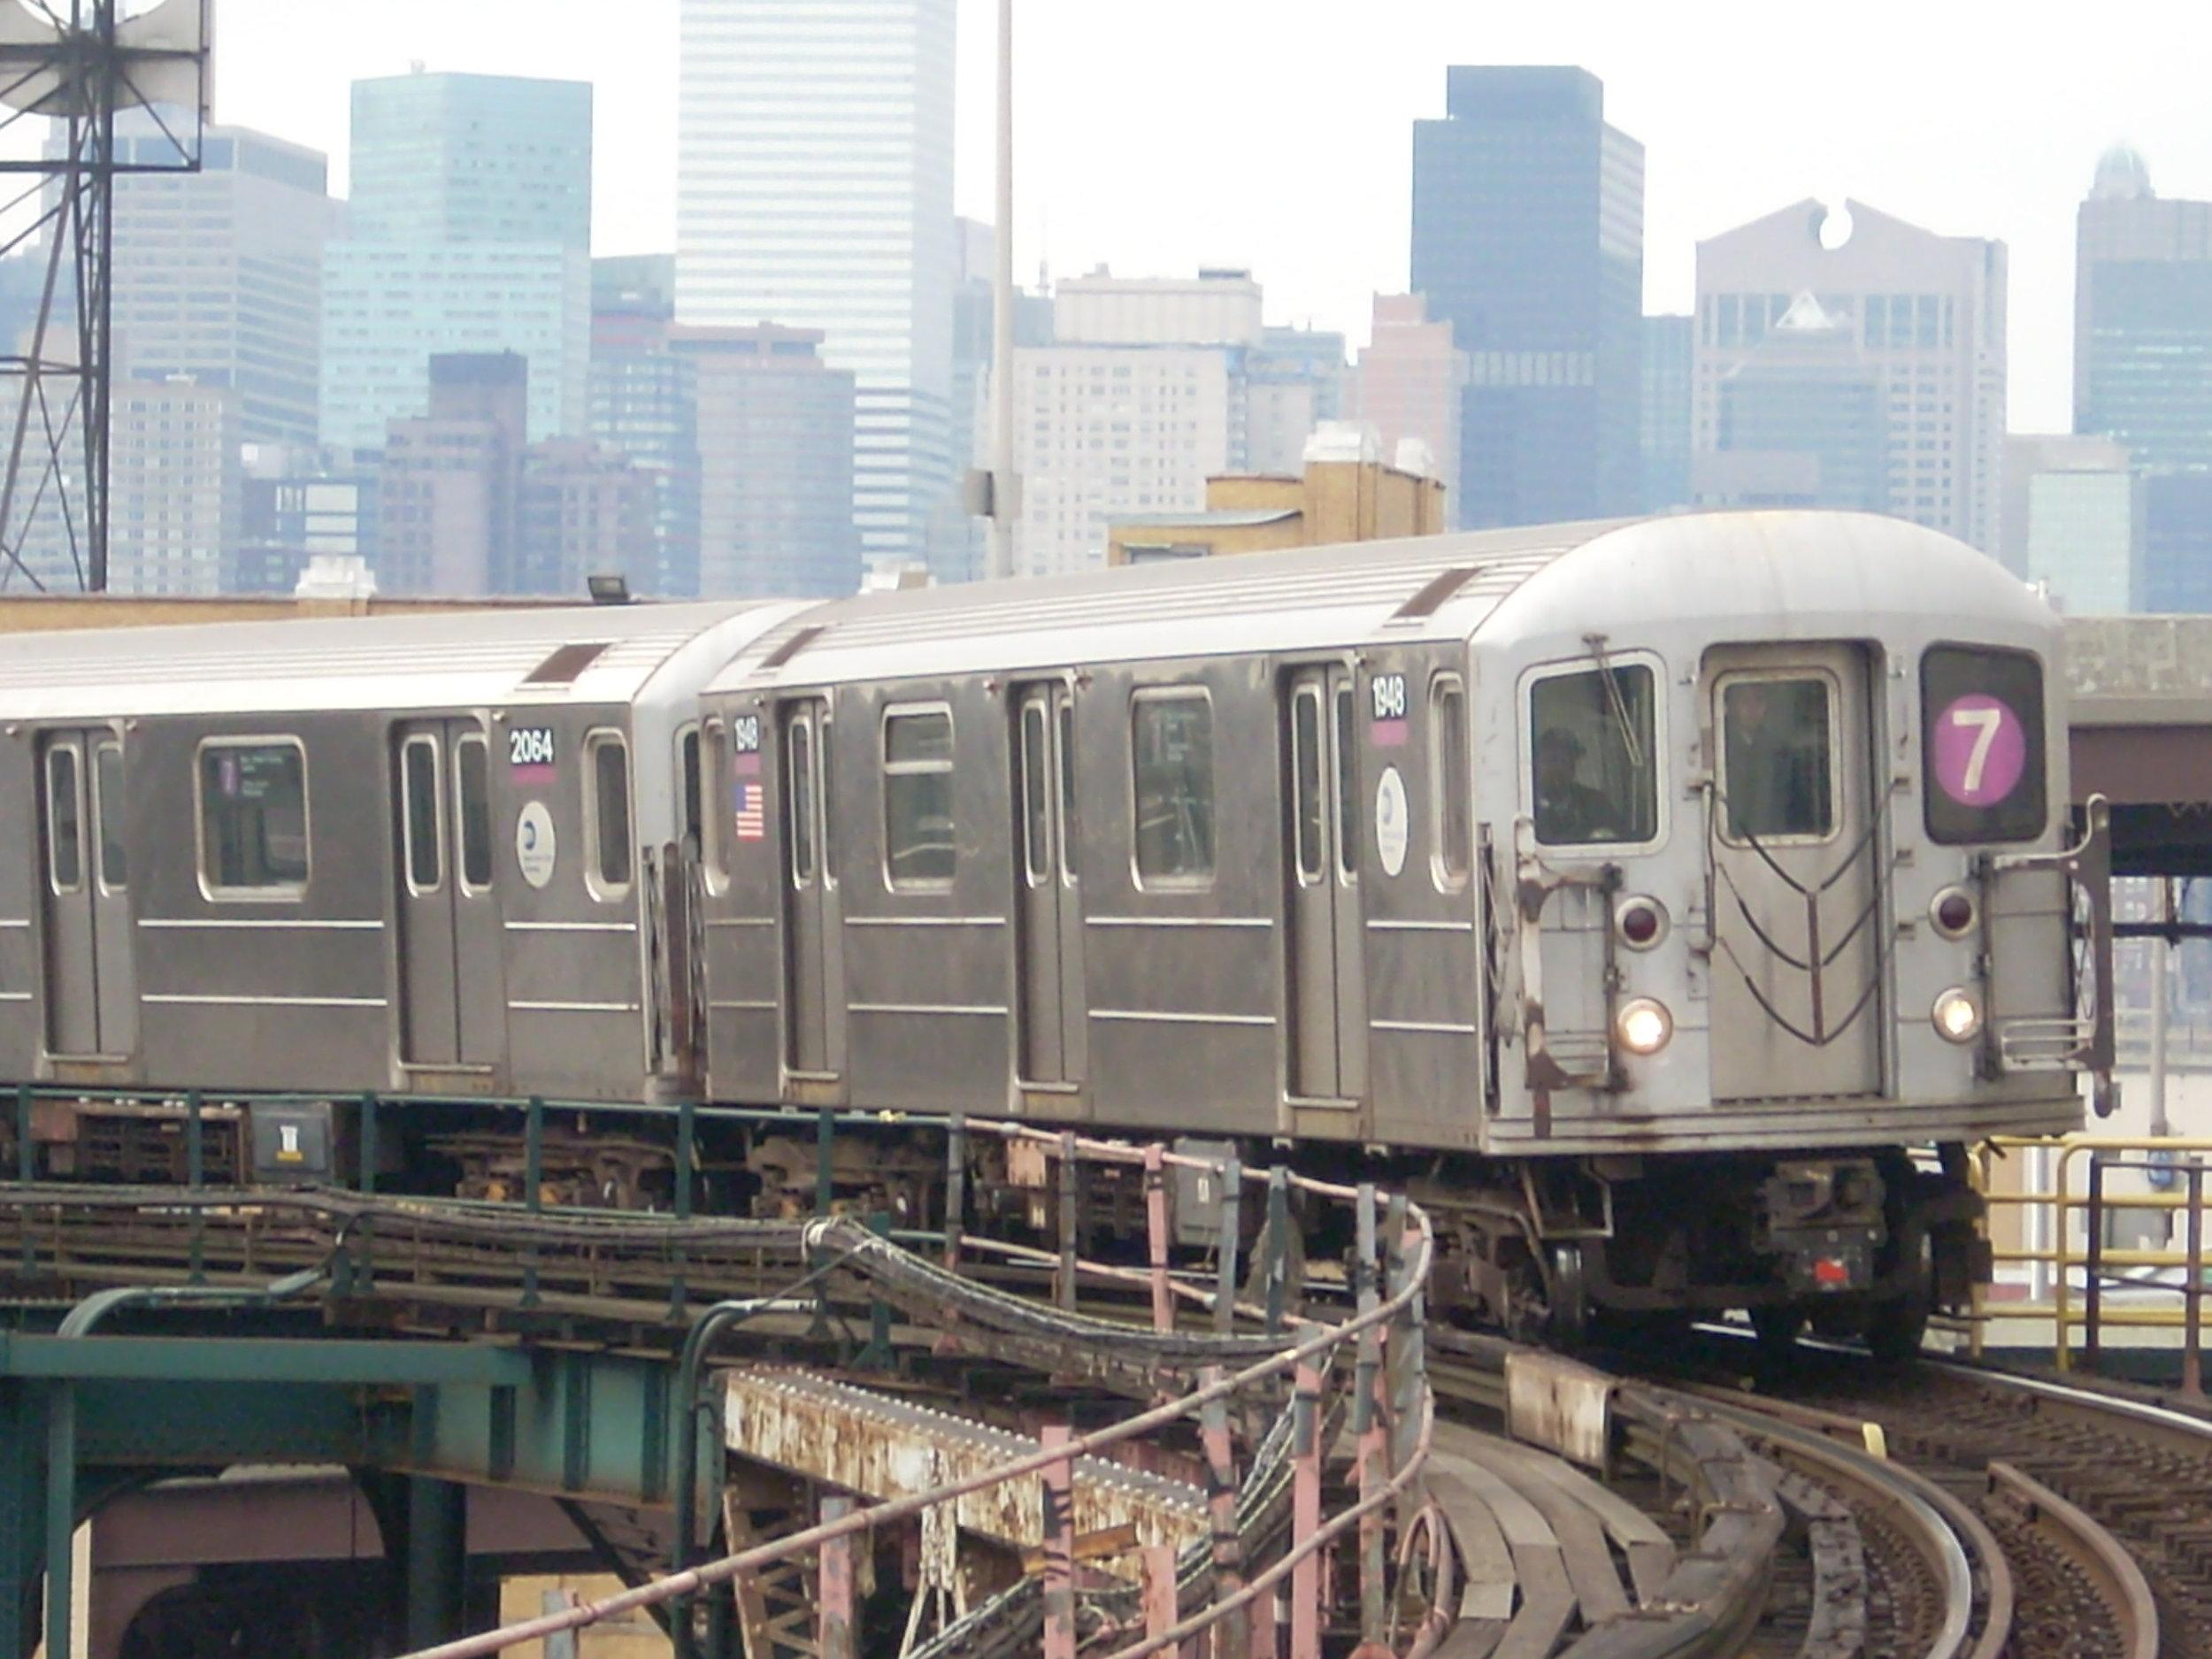 The 7 train at Queensboro Plaza (credit: Wikimedia Commons)